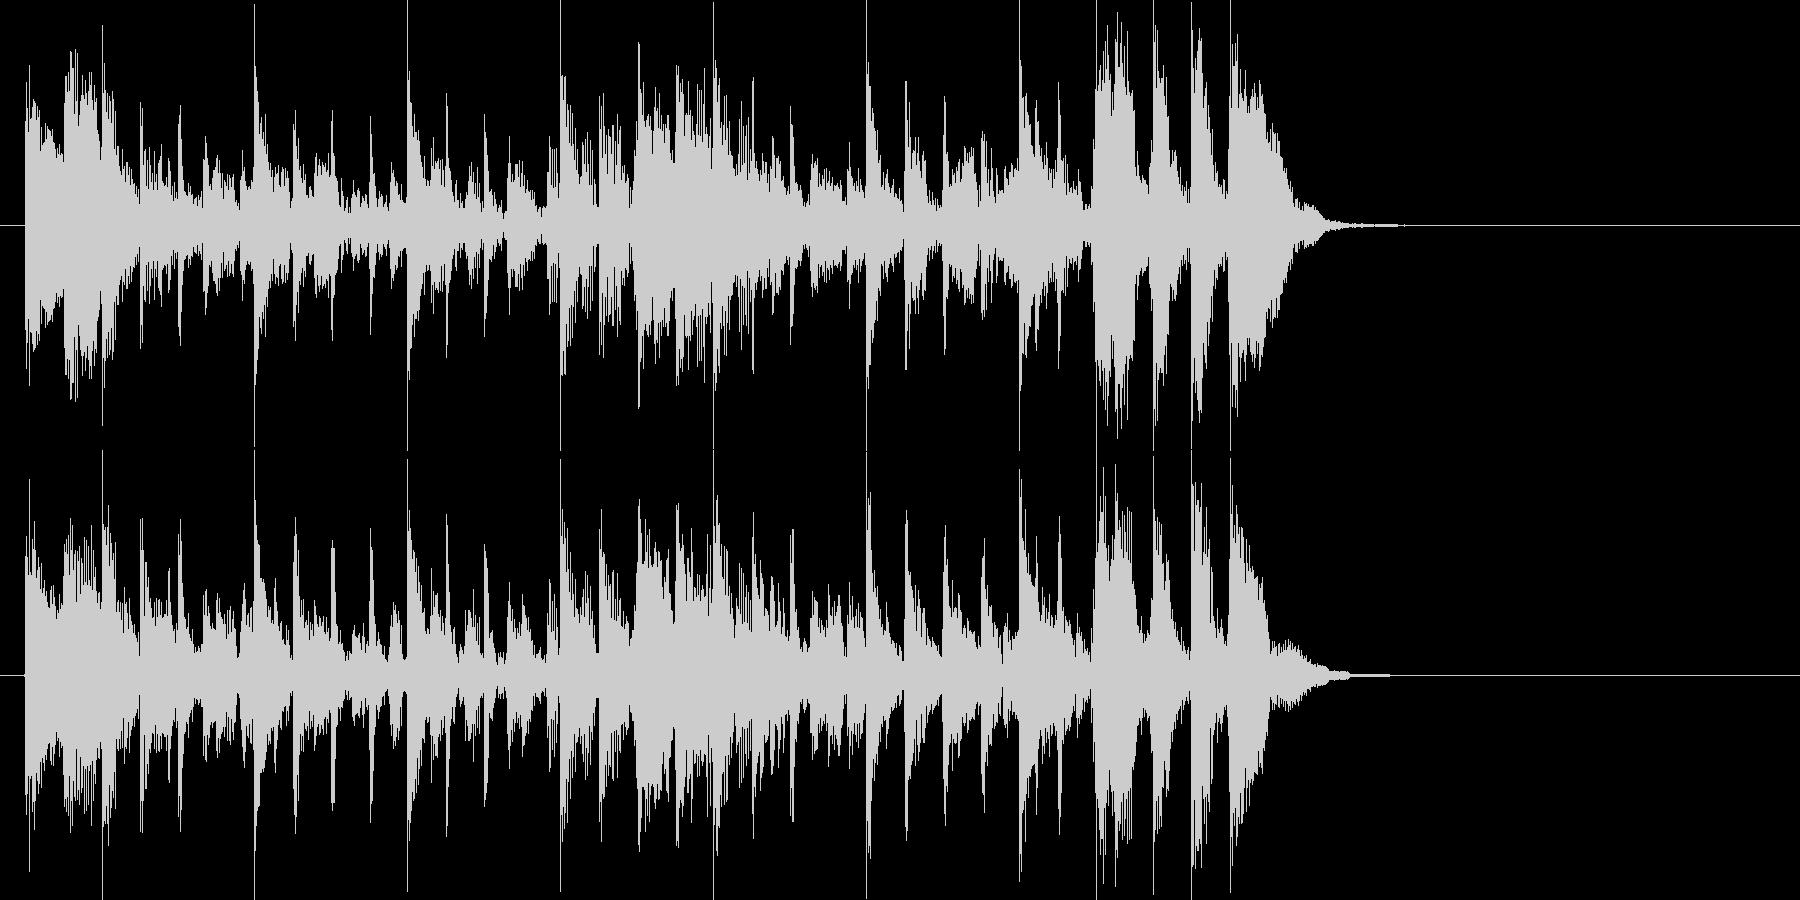 ベースラインが特徴的な淡々としたジングルの未再生の波形